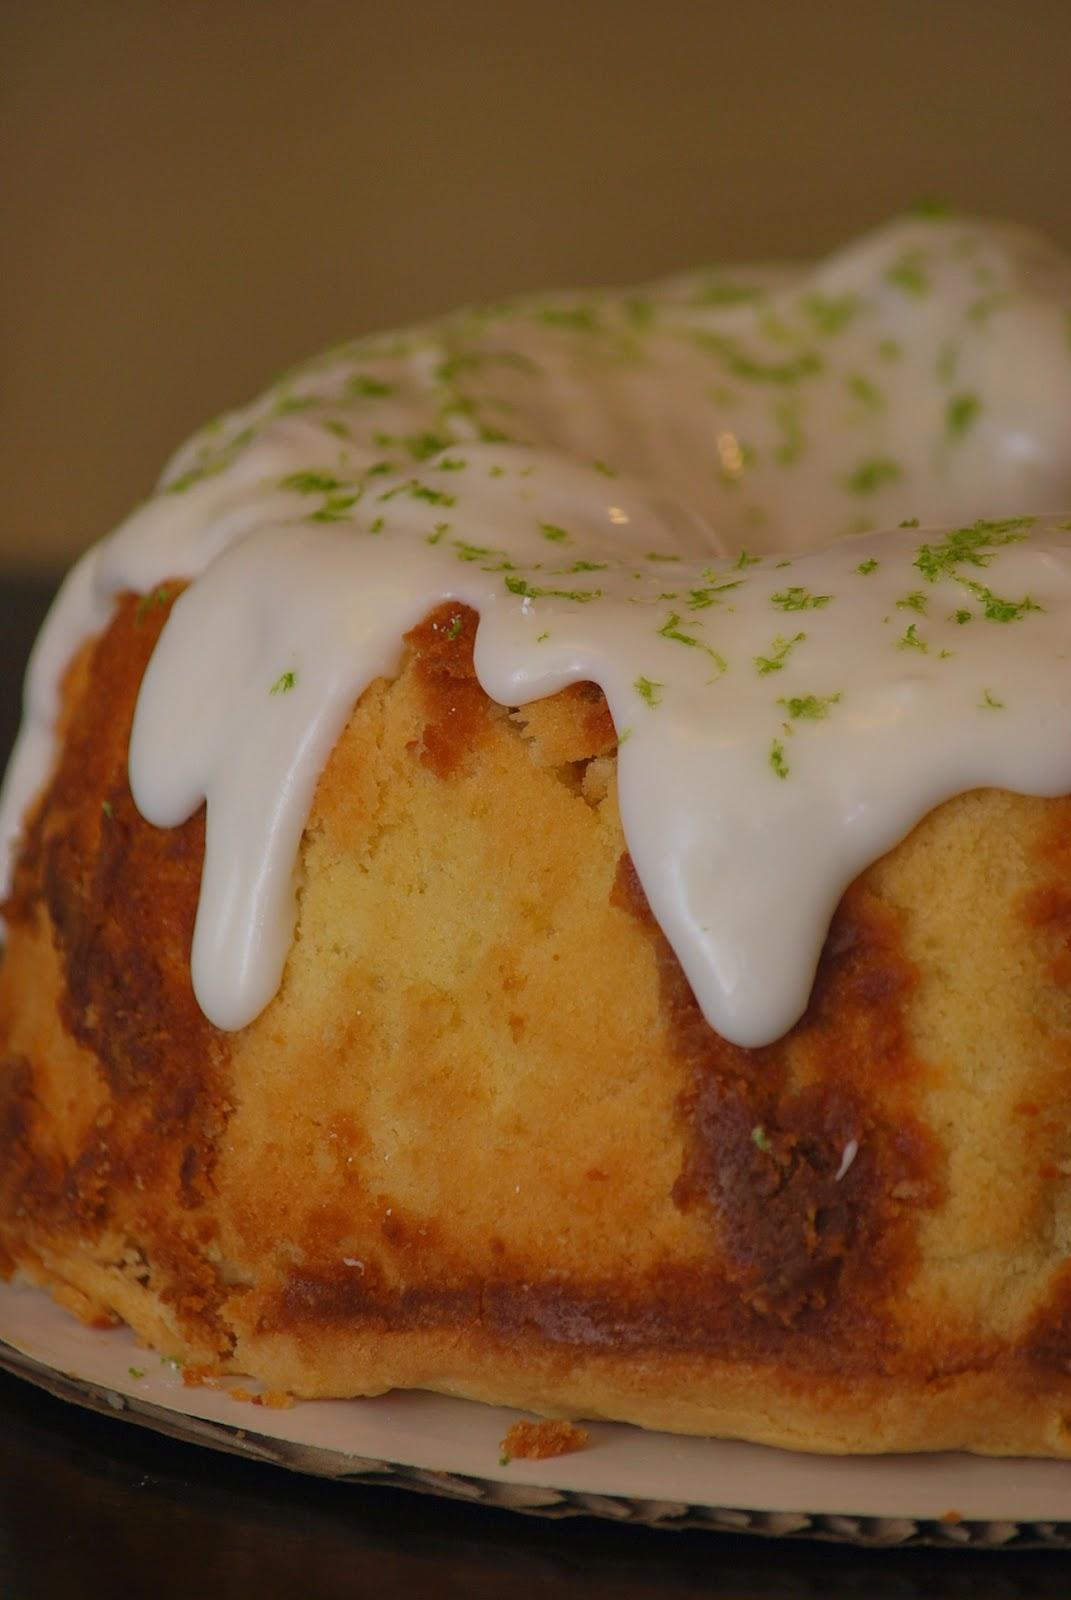 Key lime cake recipe with orange juice